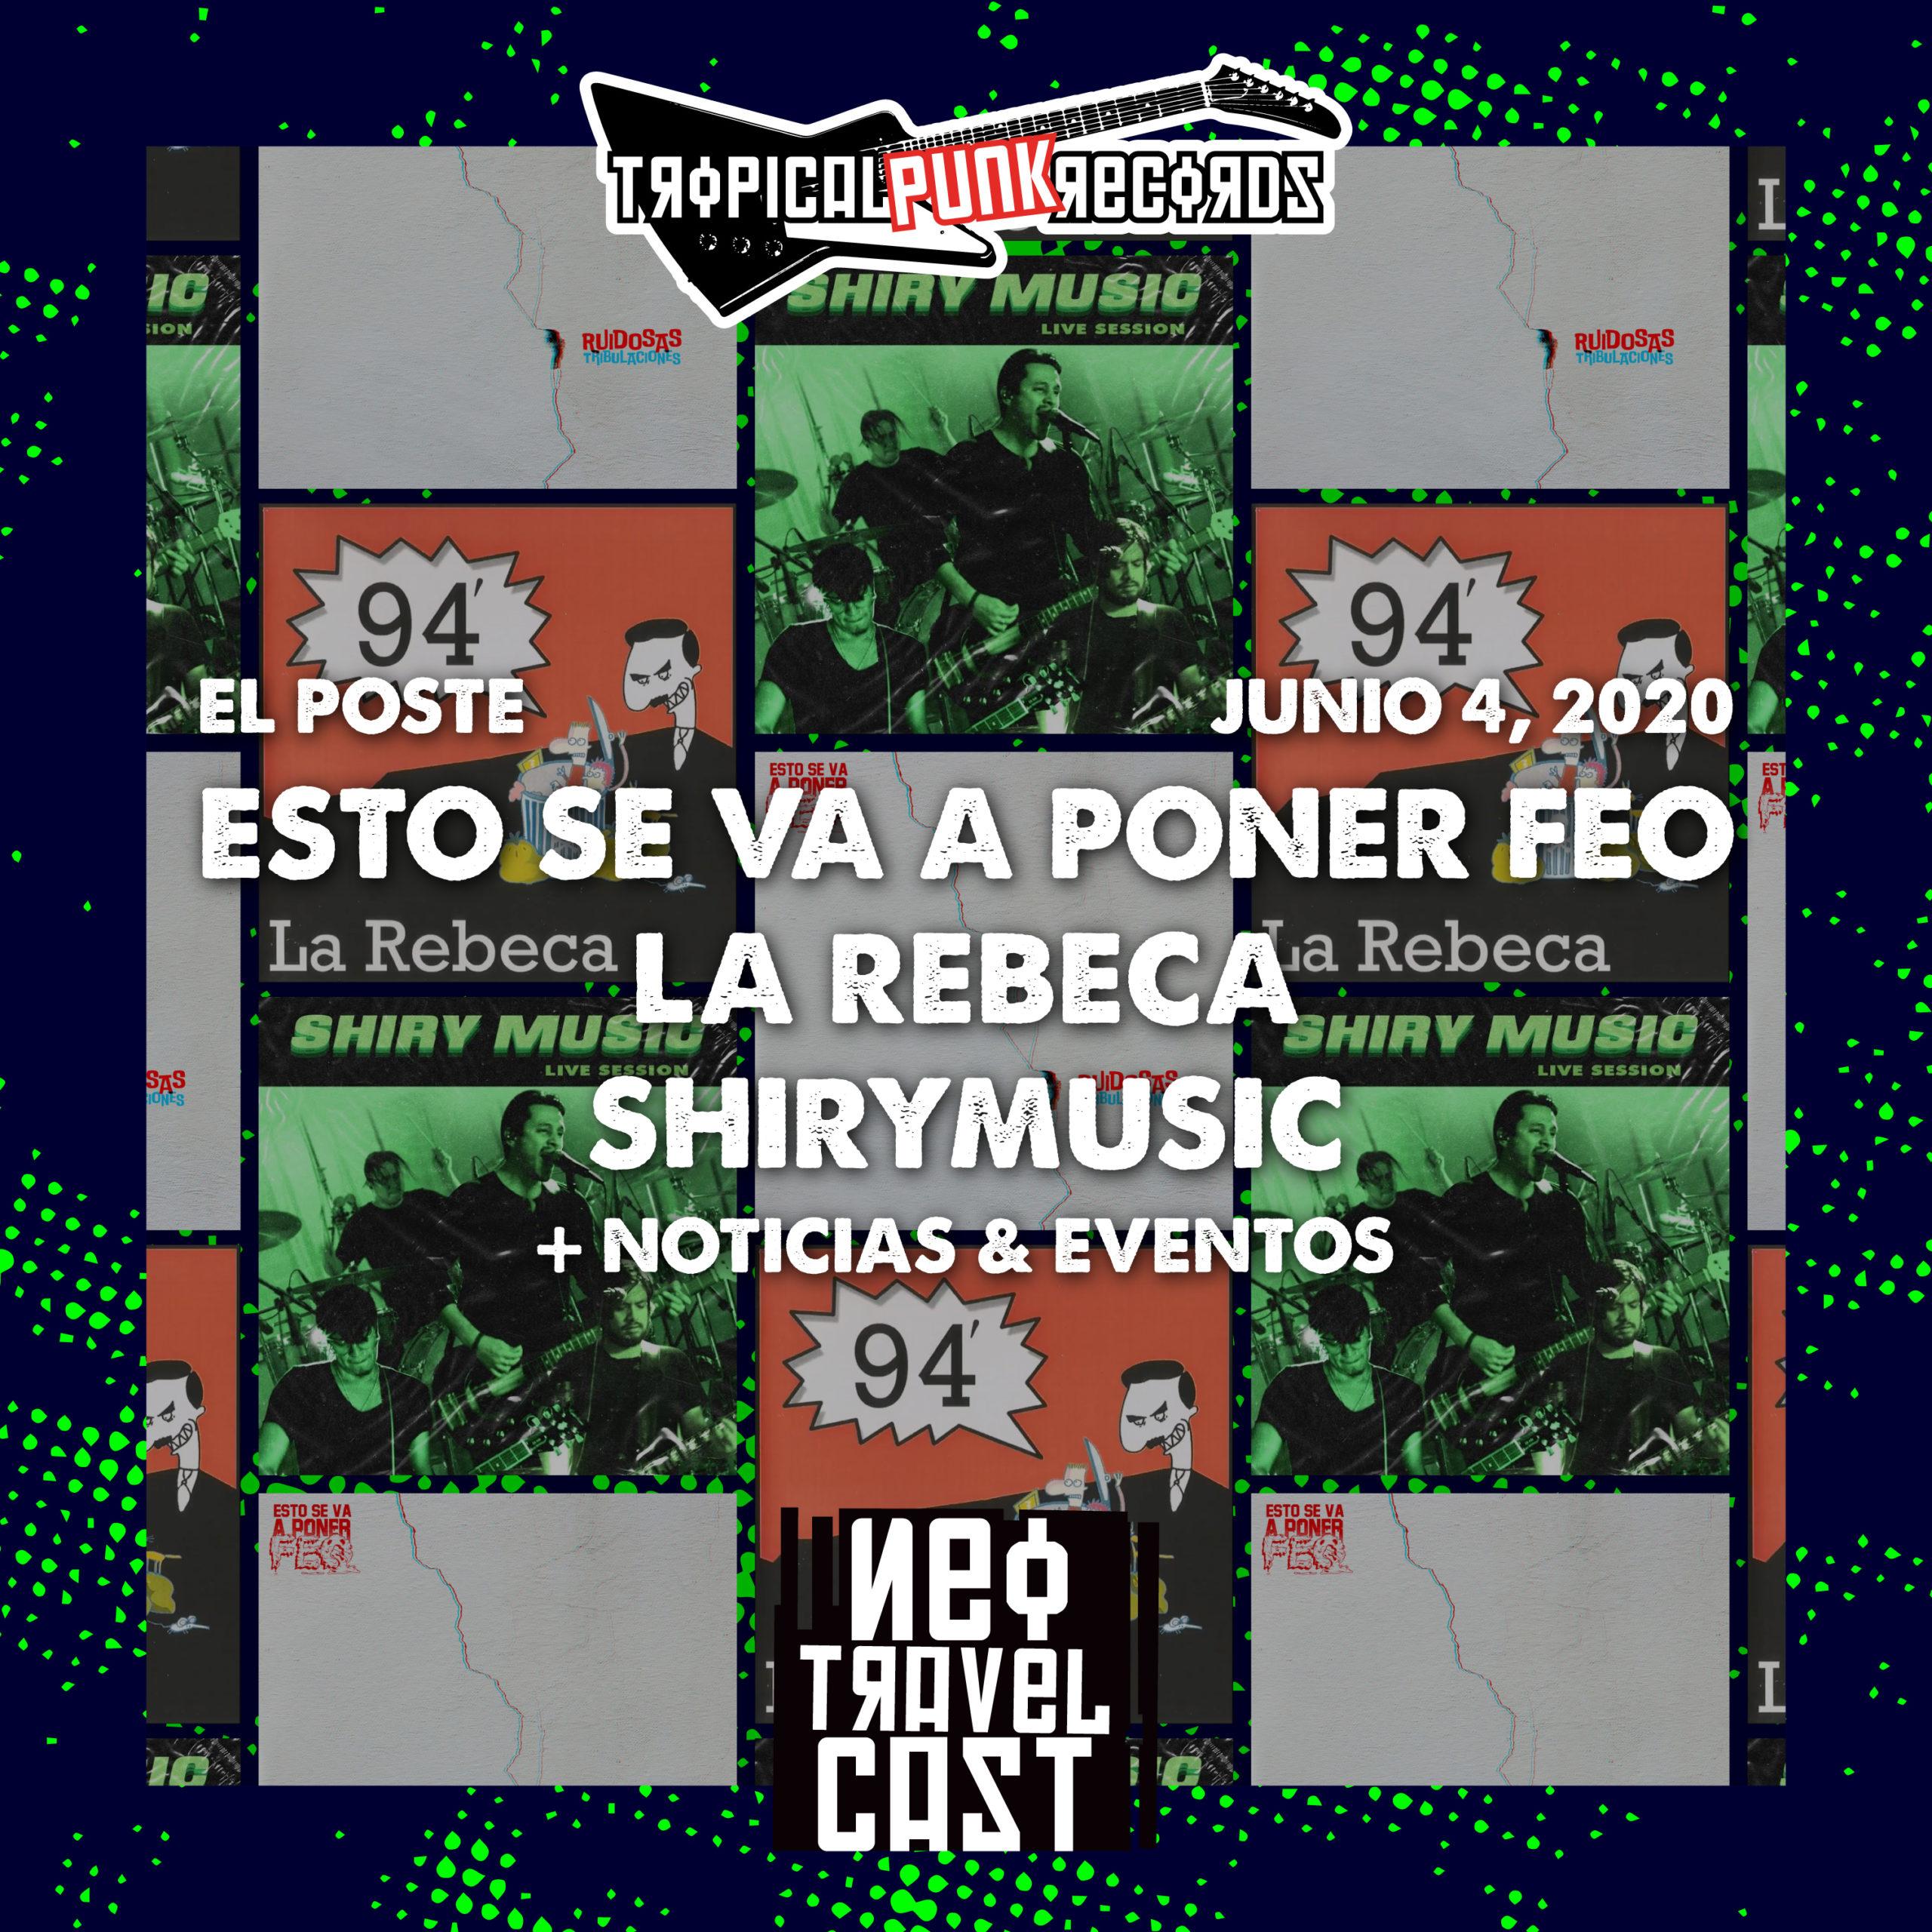 Tropical Punk Records presenta el Neo Travel Cast podcast El Poste con Esto se va a poner feo, La Rebeca y Shirymusic (Episodio 15)